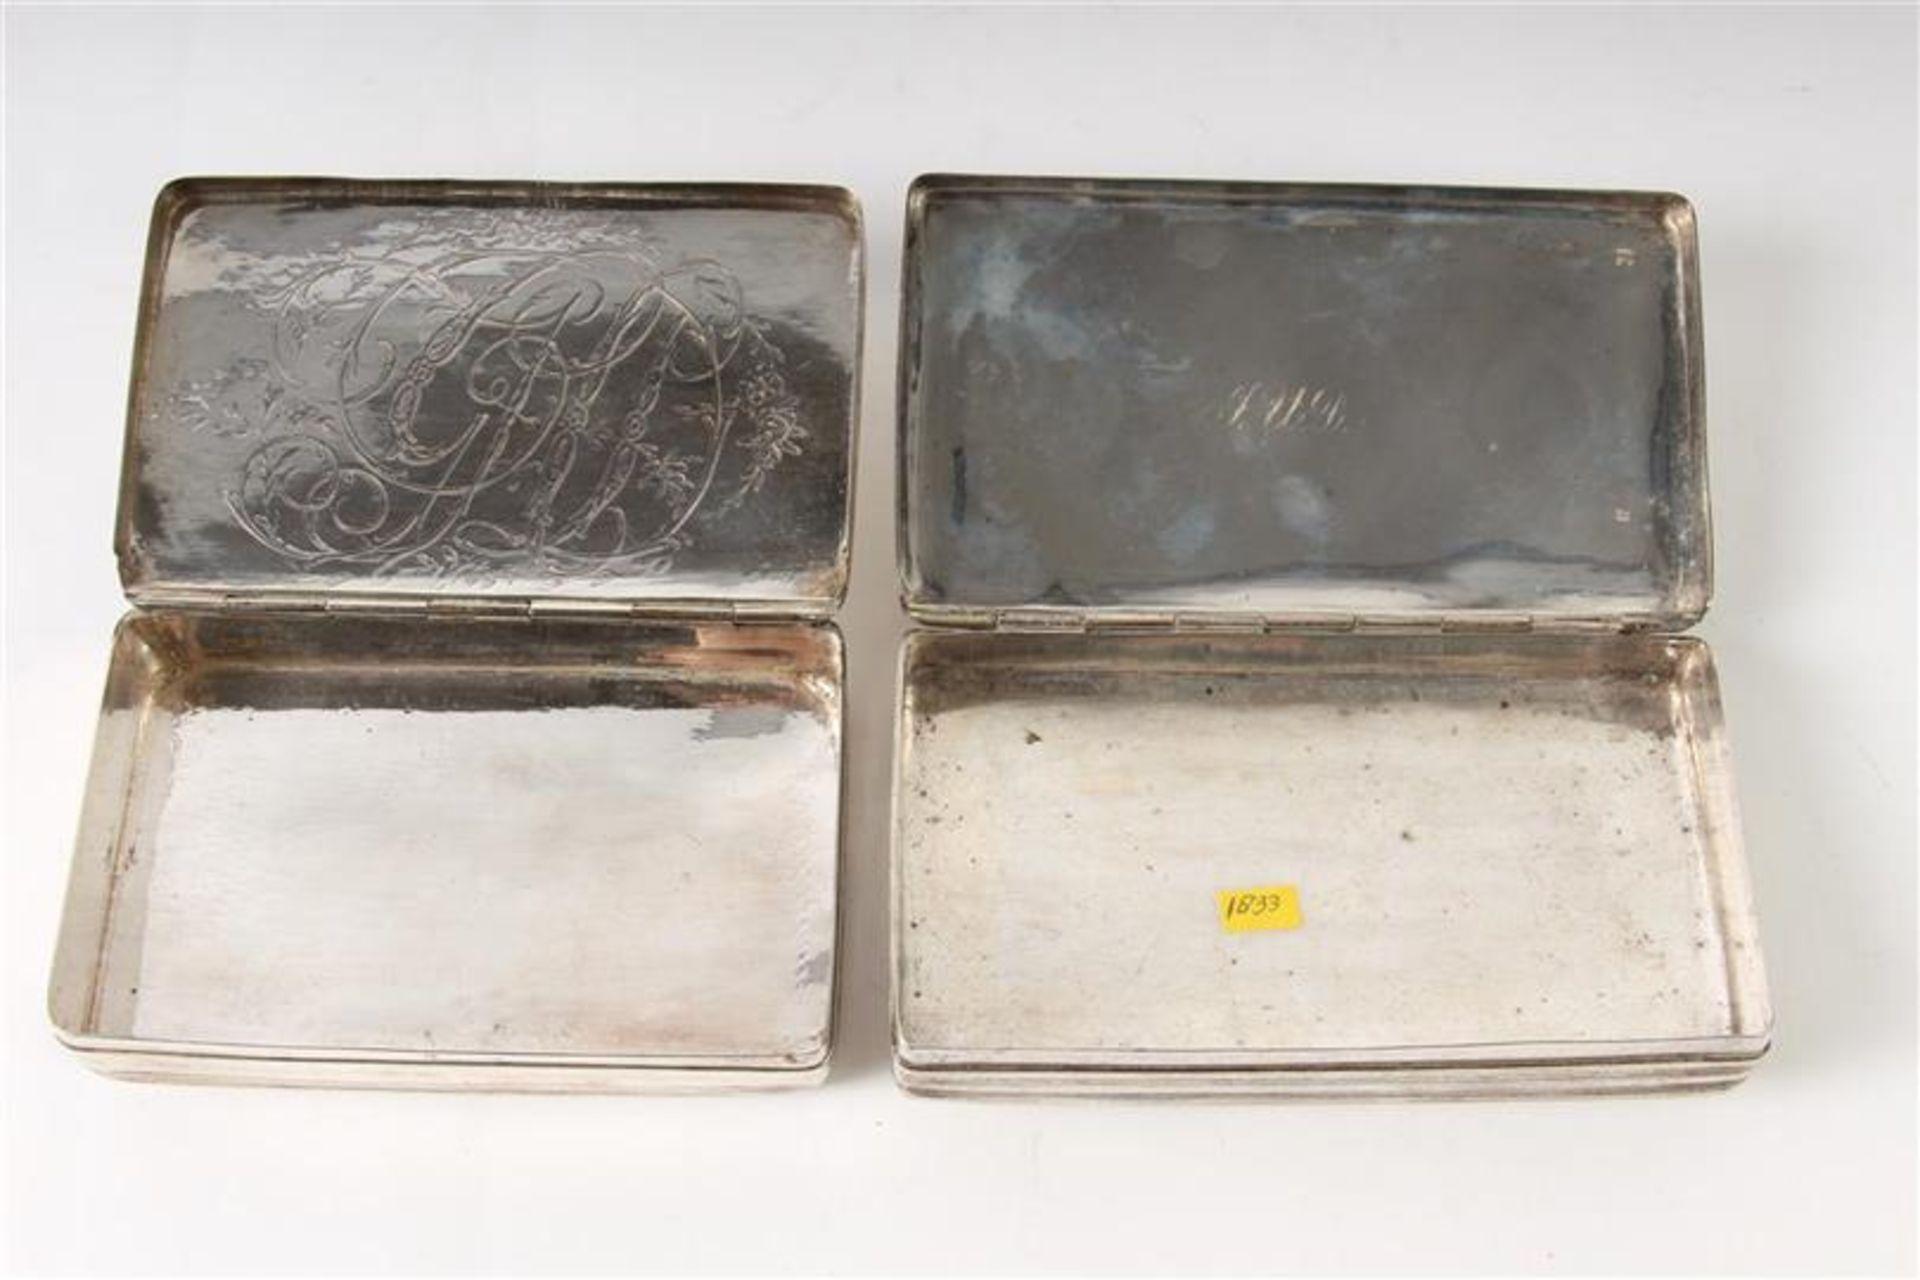 Twee zilveren tabaksdozen, Hollands gekeurd. HxBxD: 7 x 12.5 x 2.5 en 7 x 11.3 x 2.3 cm. - Bild 4 aus 5